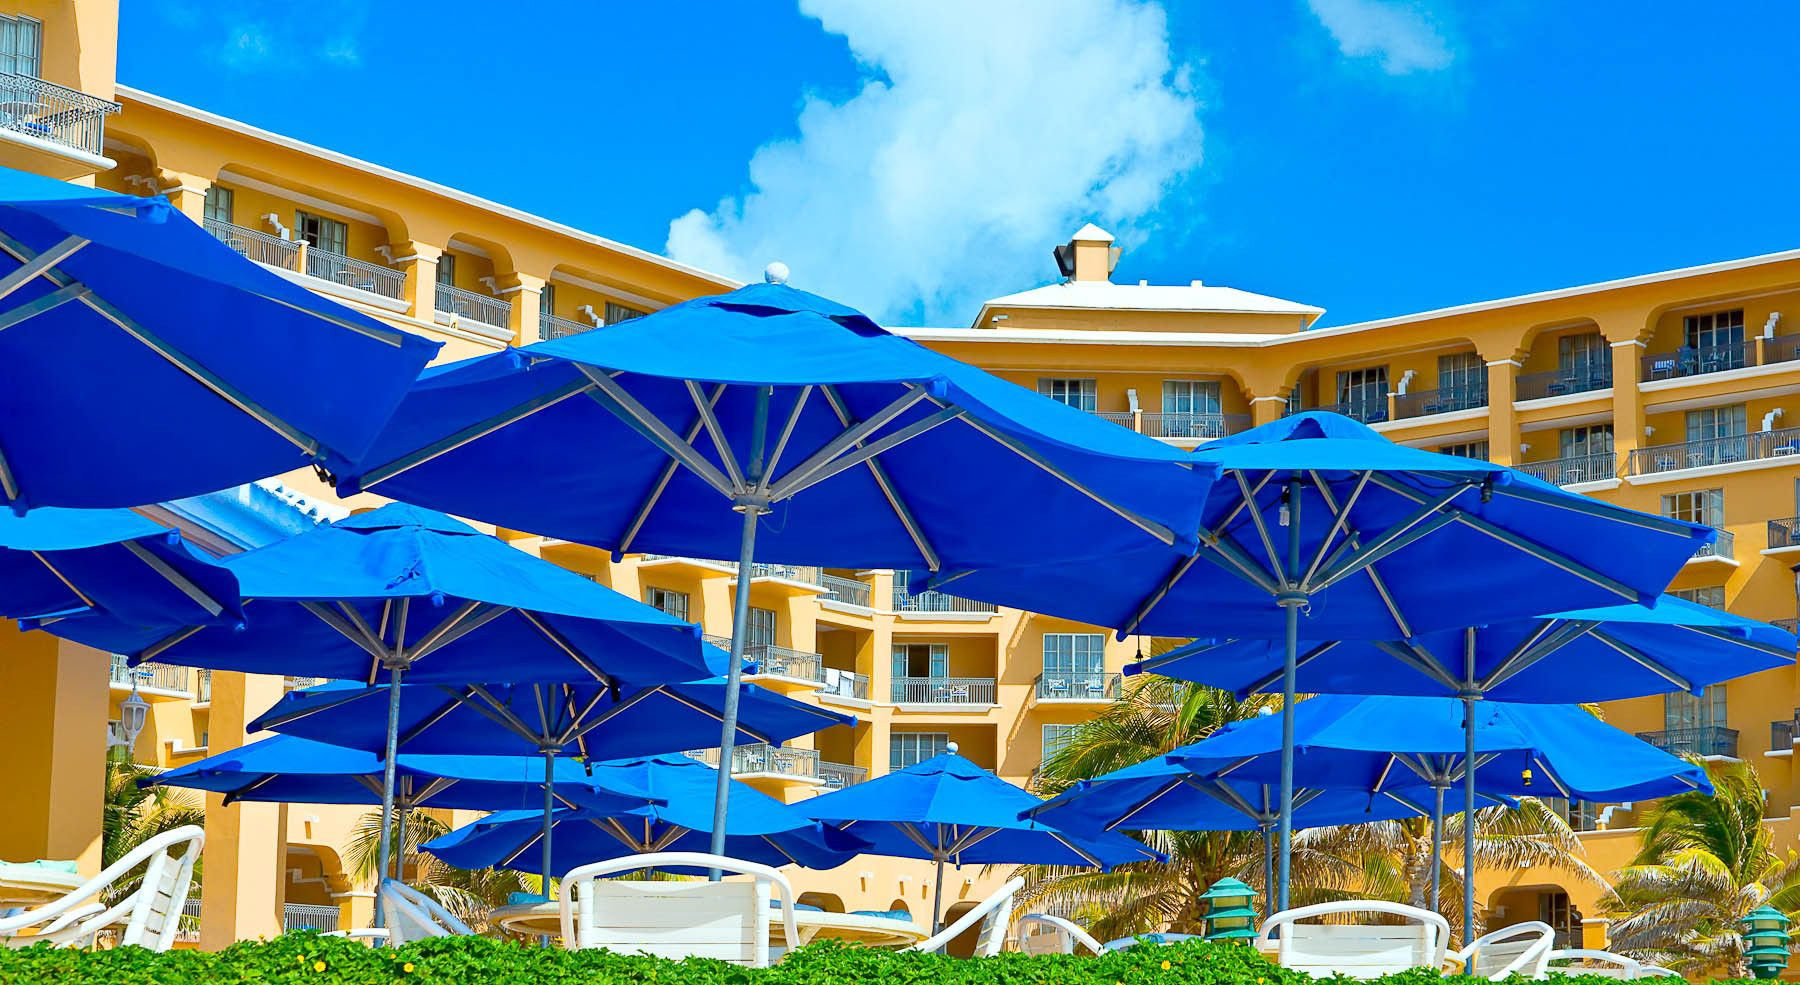 1ritz_carlton_cancun_20110309_cancun_image_1275_edit_2.jpg